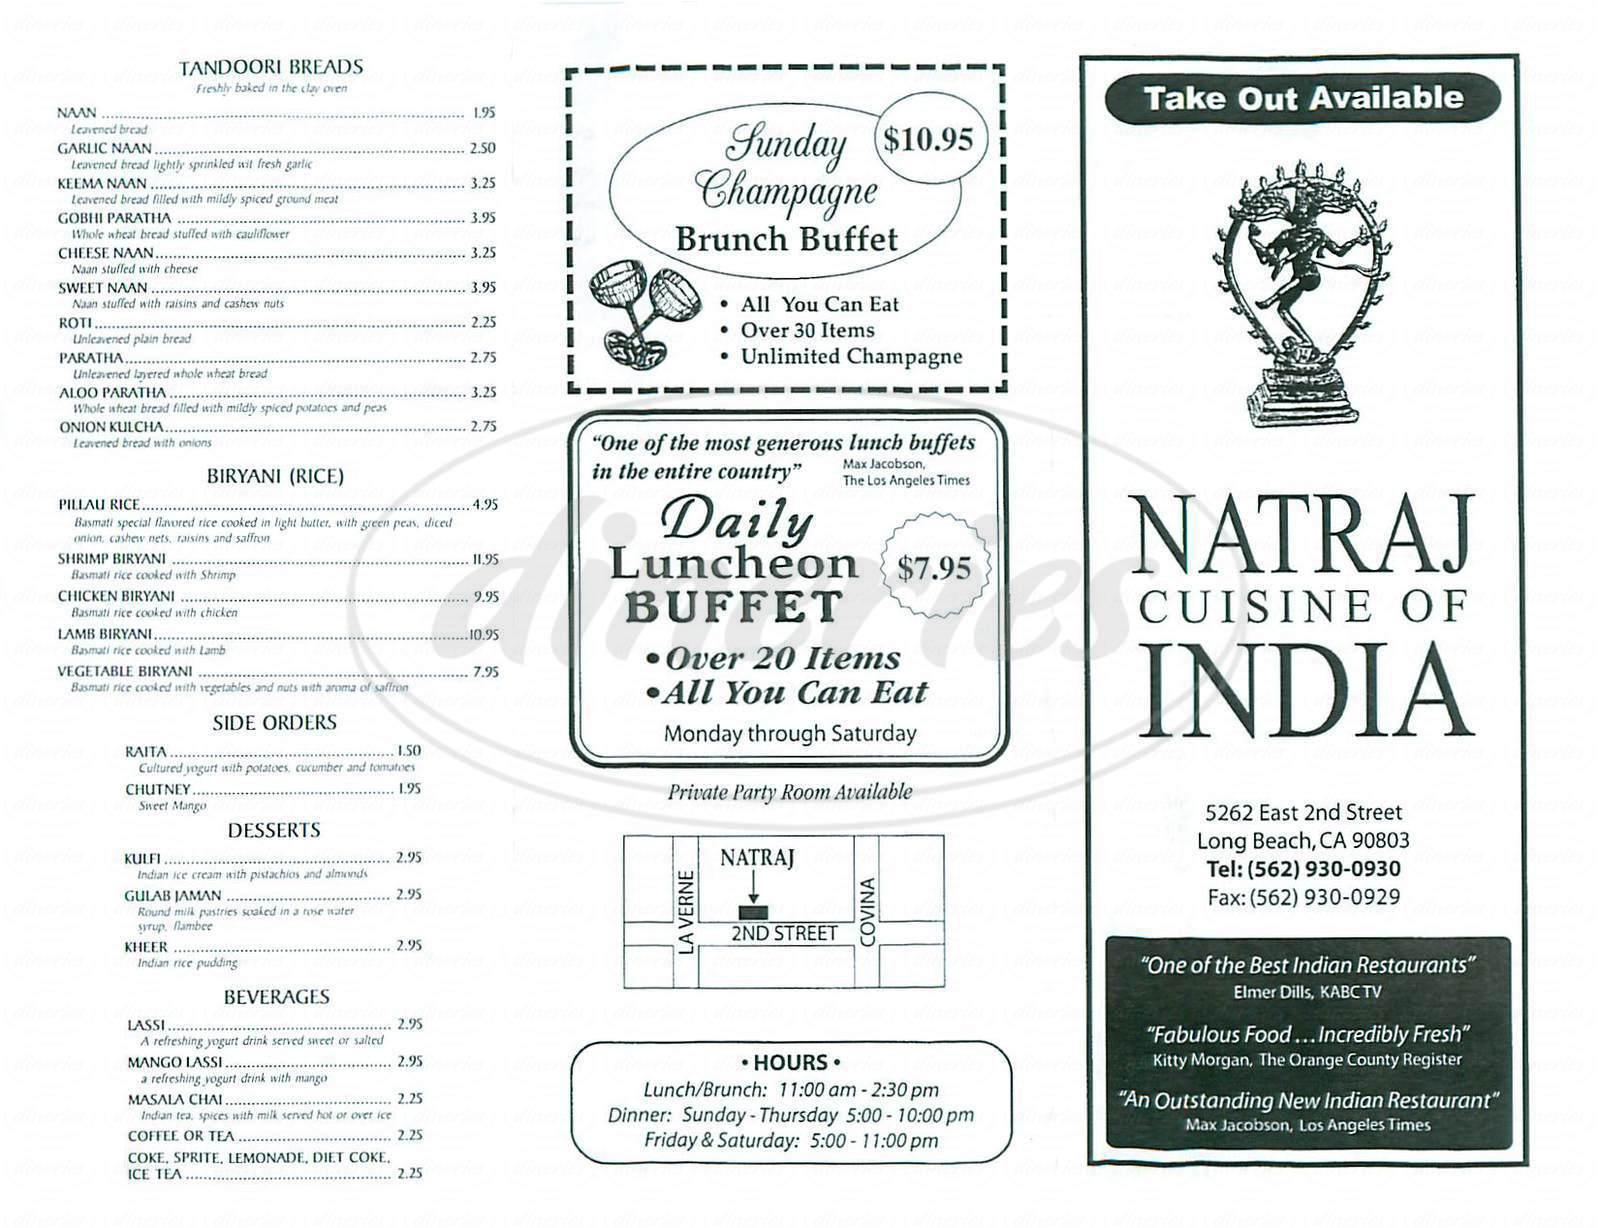 menu for Natraj Cuisine of India